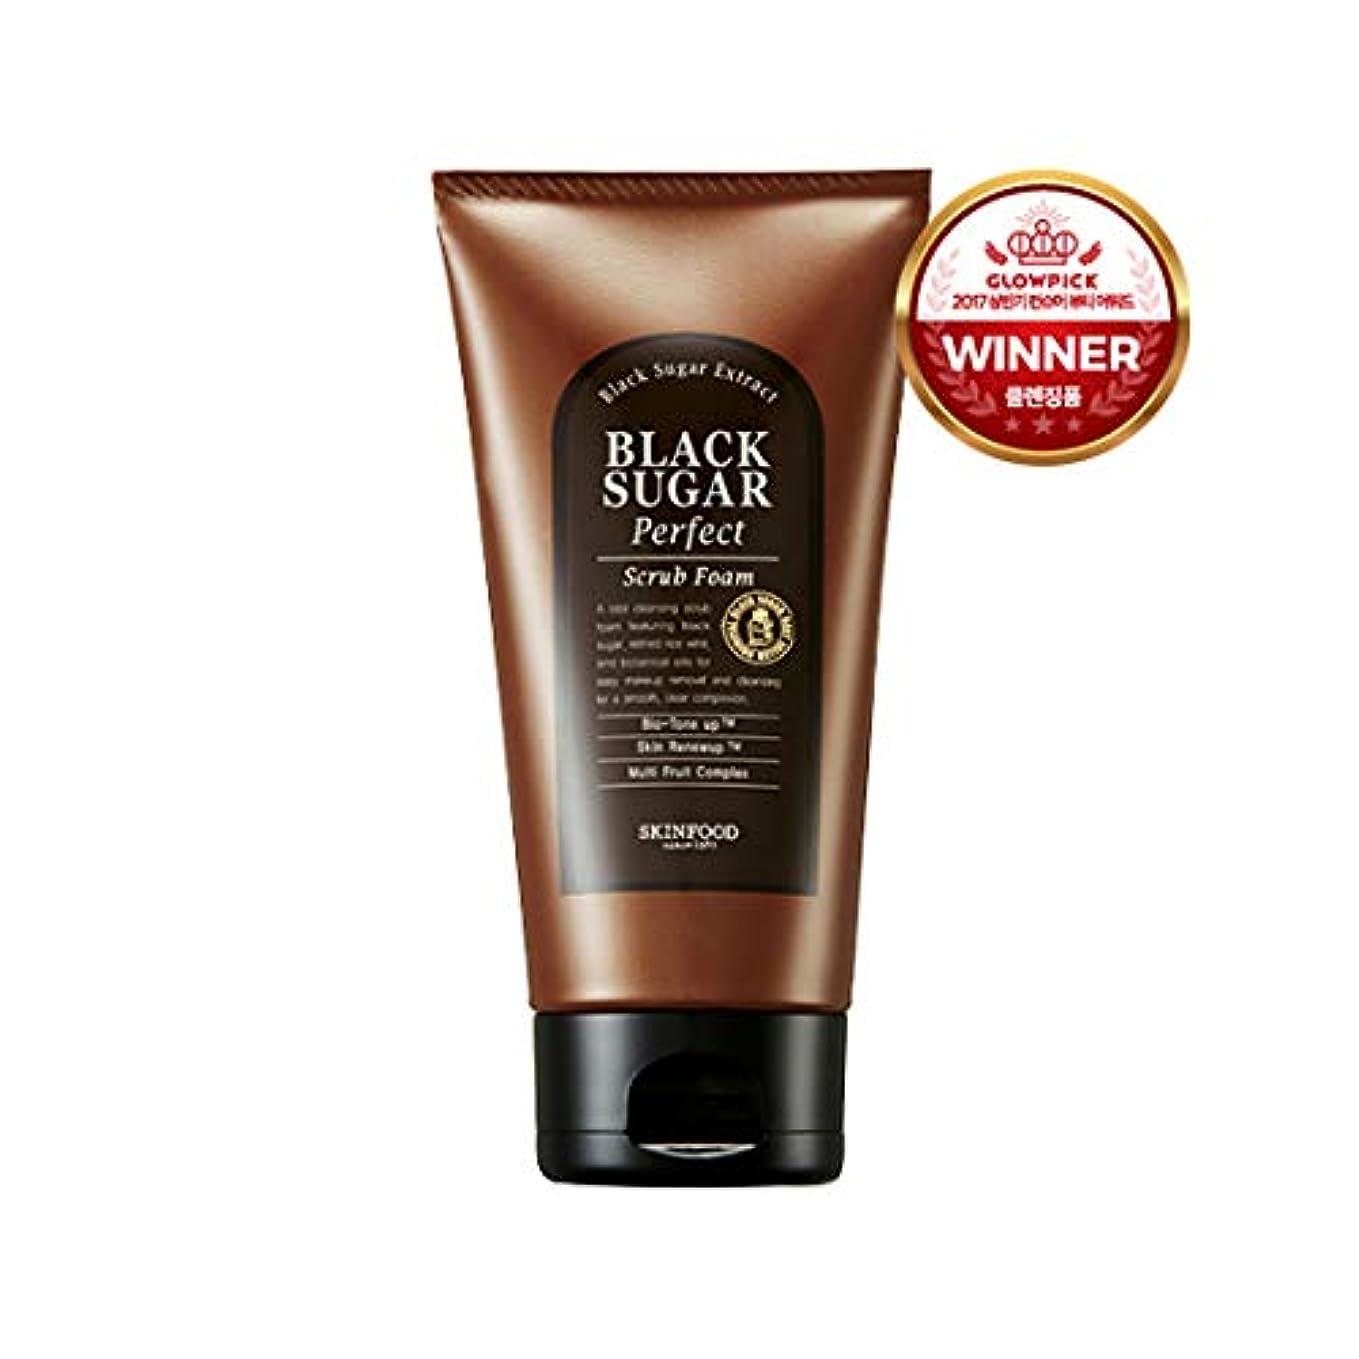 スリップシューズ晴れ環境保護主義者Skinfood/Black Sugar Perfect Scrub Foam/ブラックシュガーパーフェクトスクラブフォーム/180g [並行輸入品]